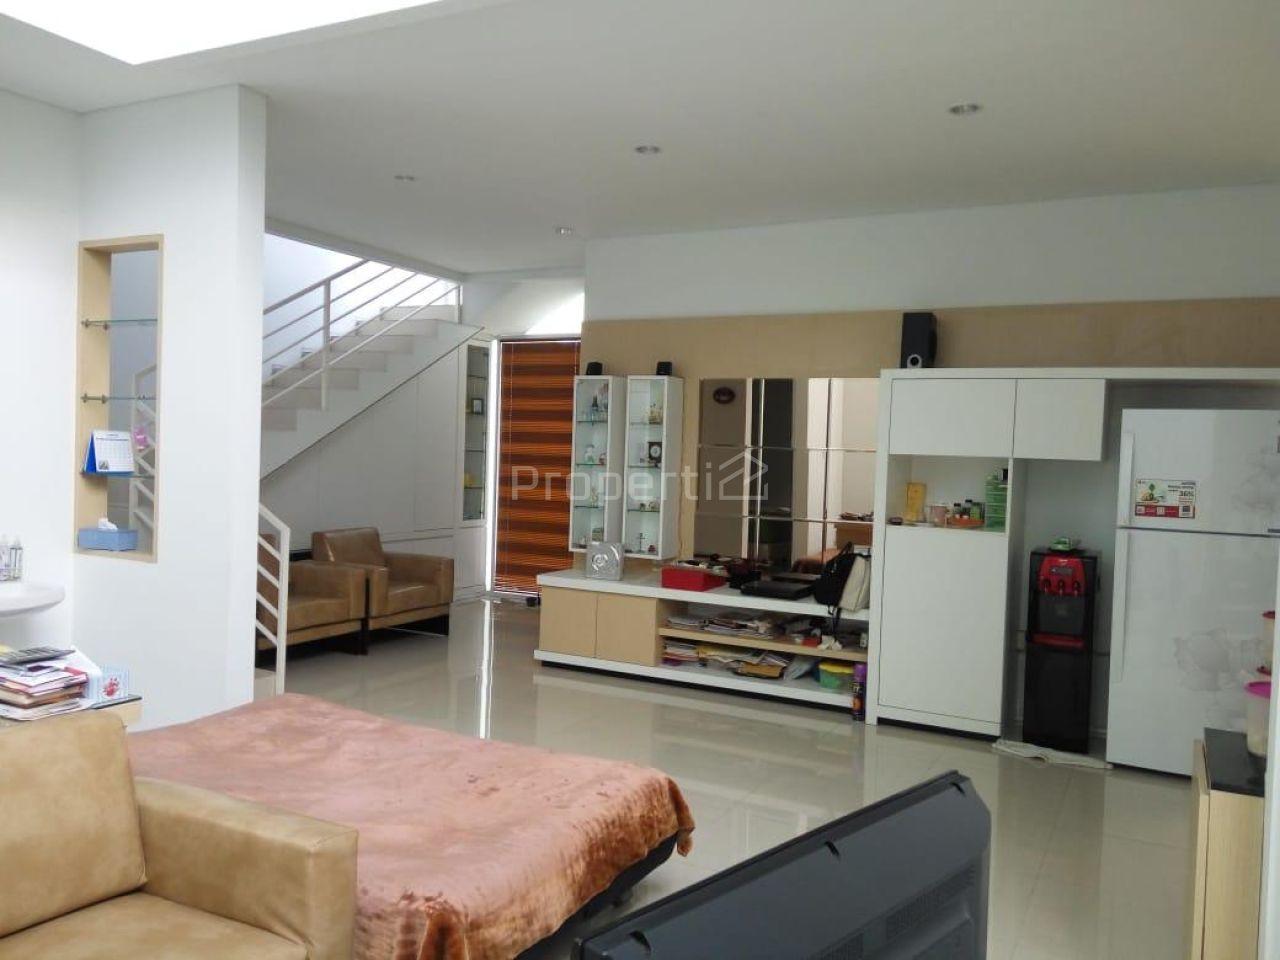 Rumah Baru 2 Lantai di Kompleks Nuansa Pegunungan, Setiabudi, Jawa Barat